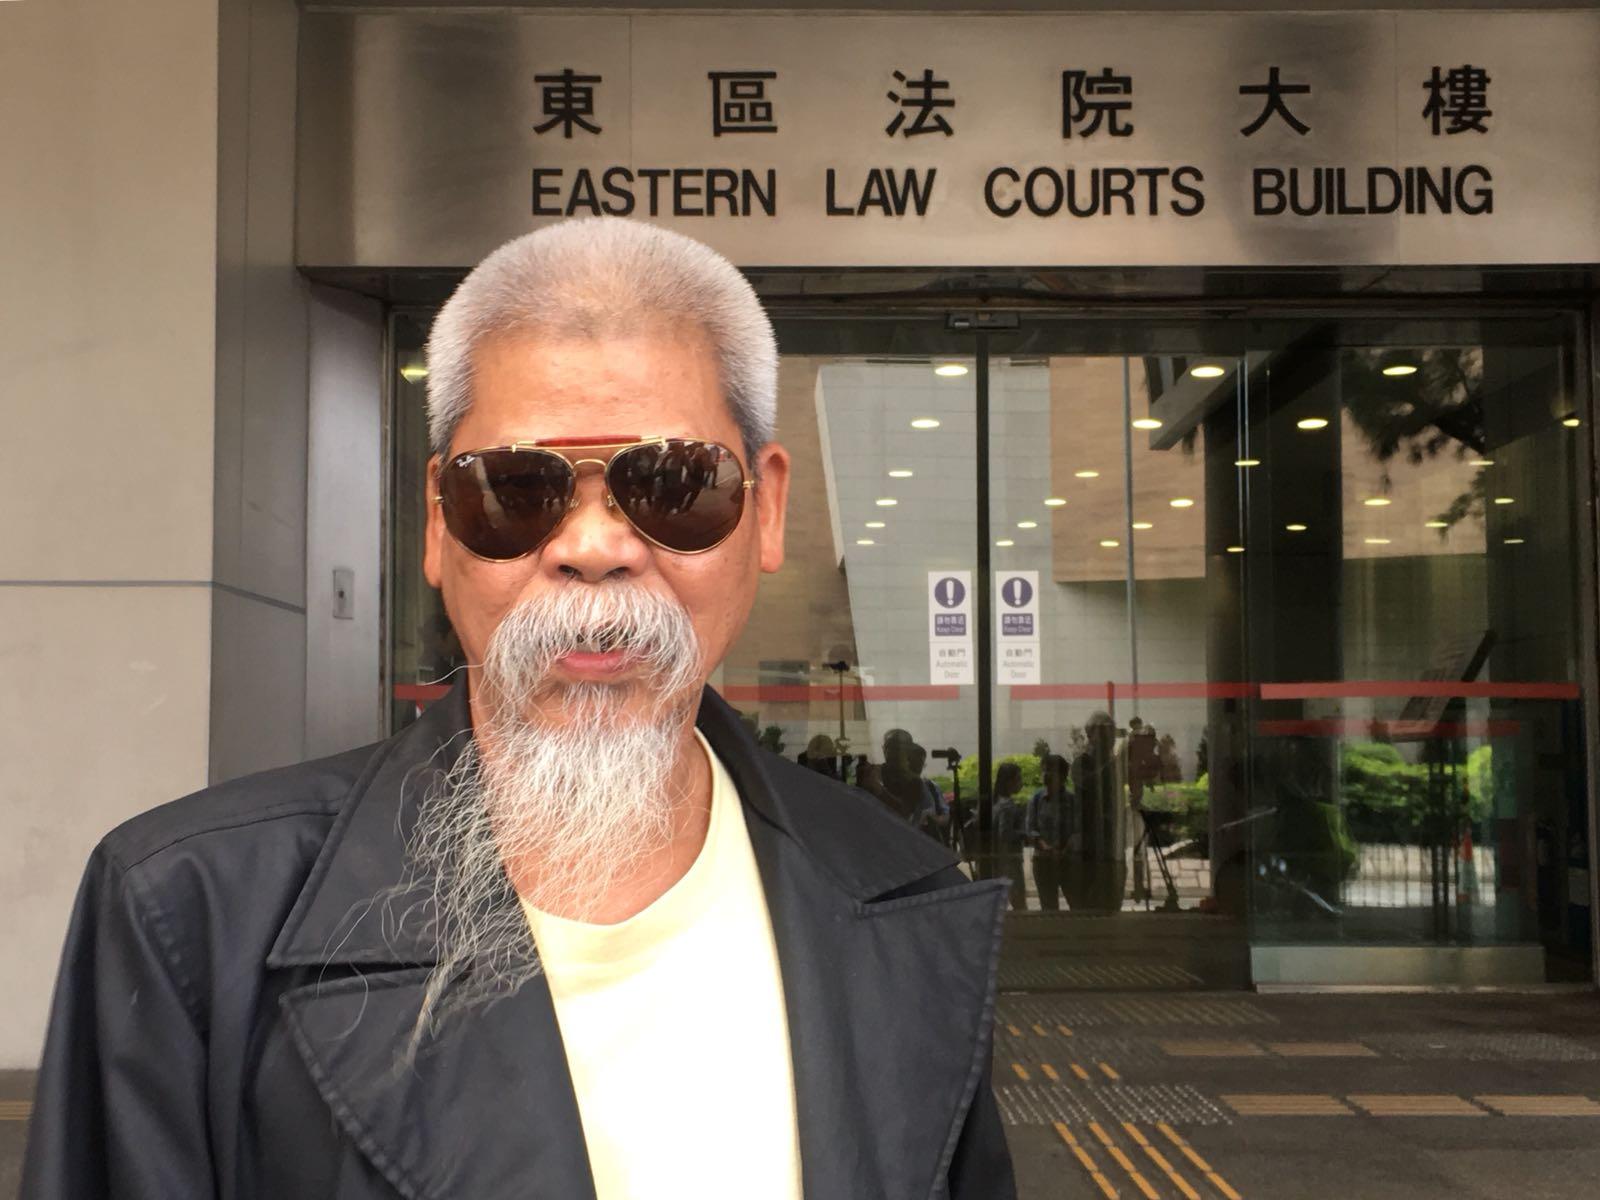 港反对派成员侮辱五星红旗和香港区旗罪成,被判监2个月!